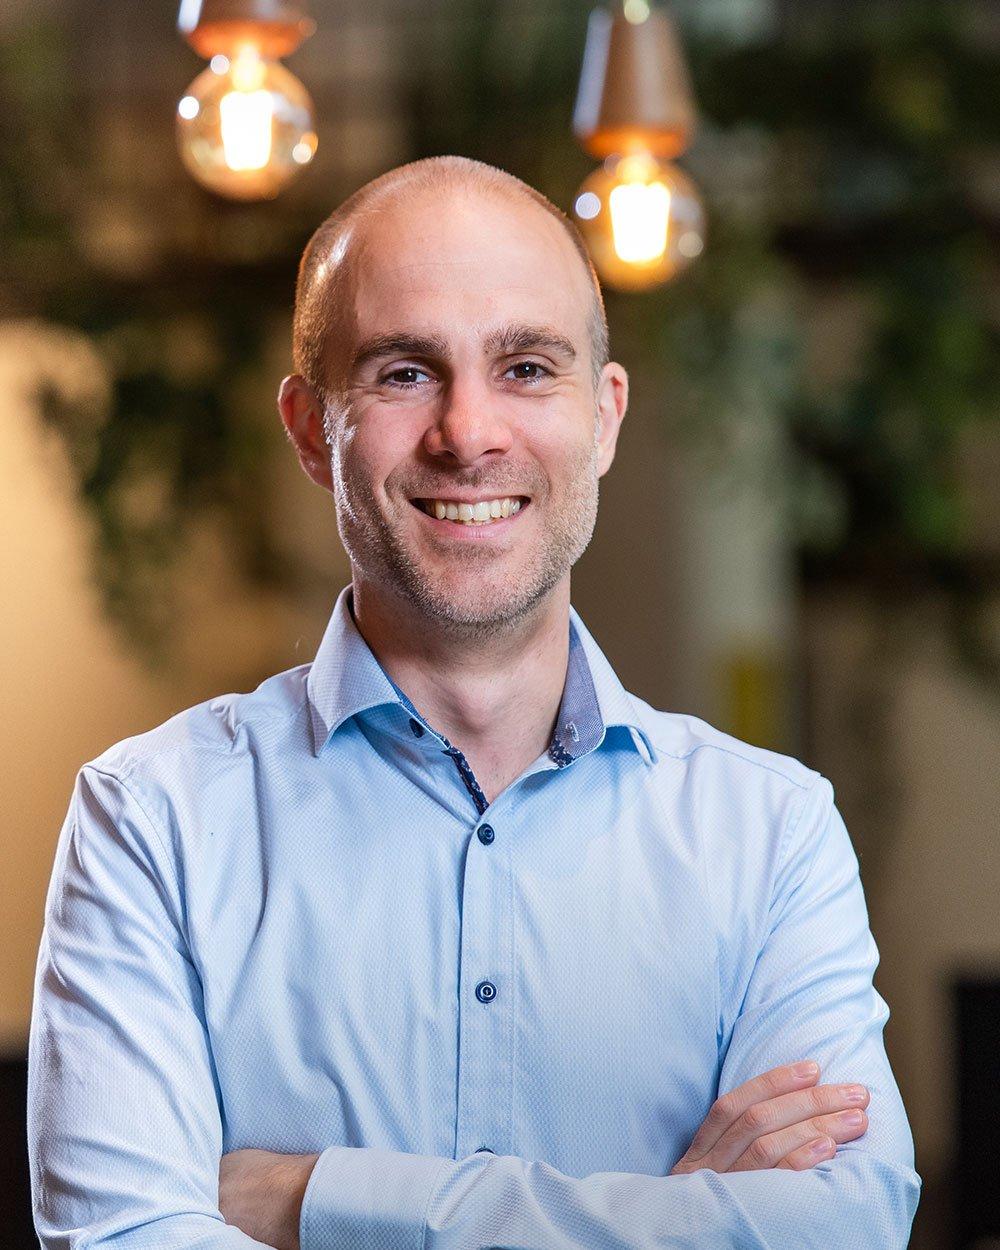 Ezechiël Kruijer, Inbound marketing consultant bij Bright